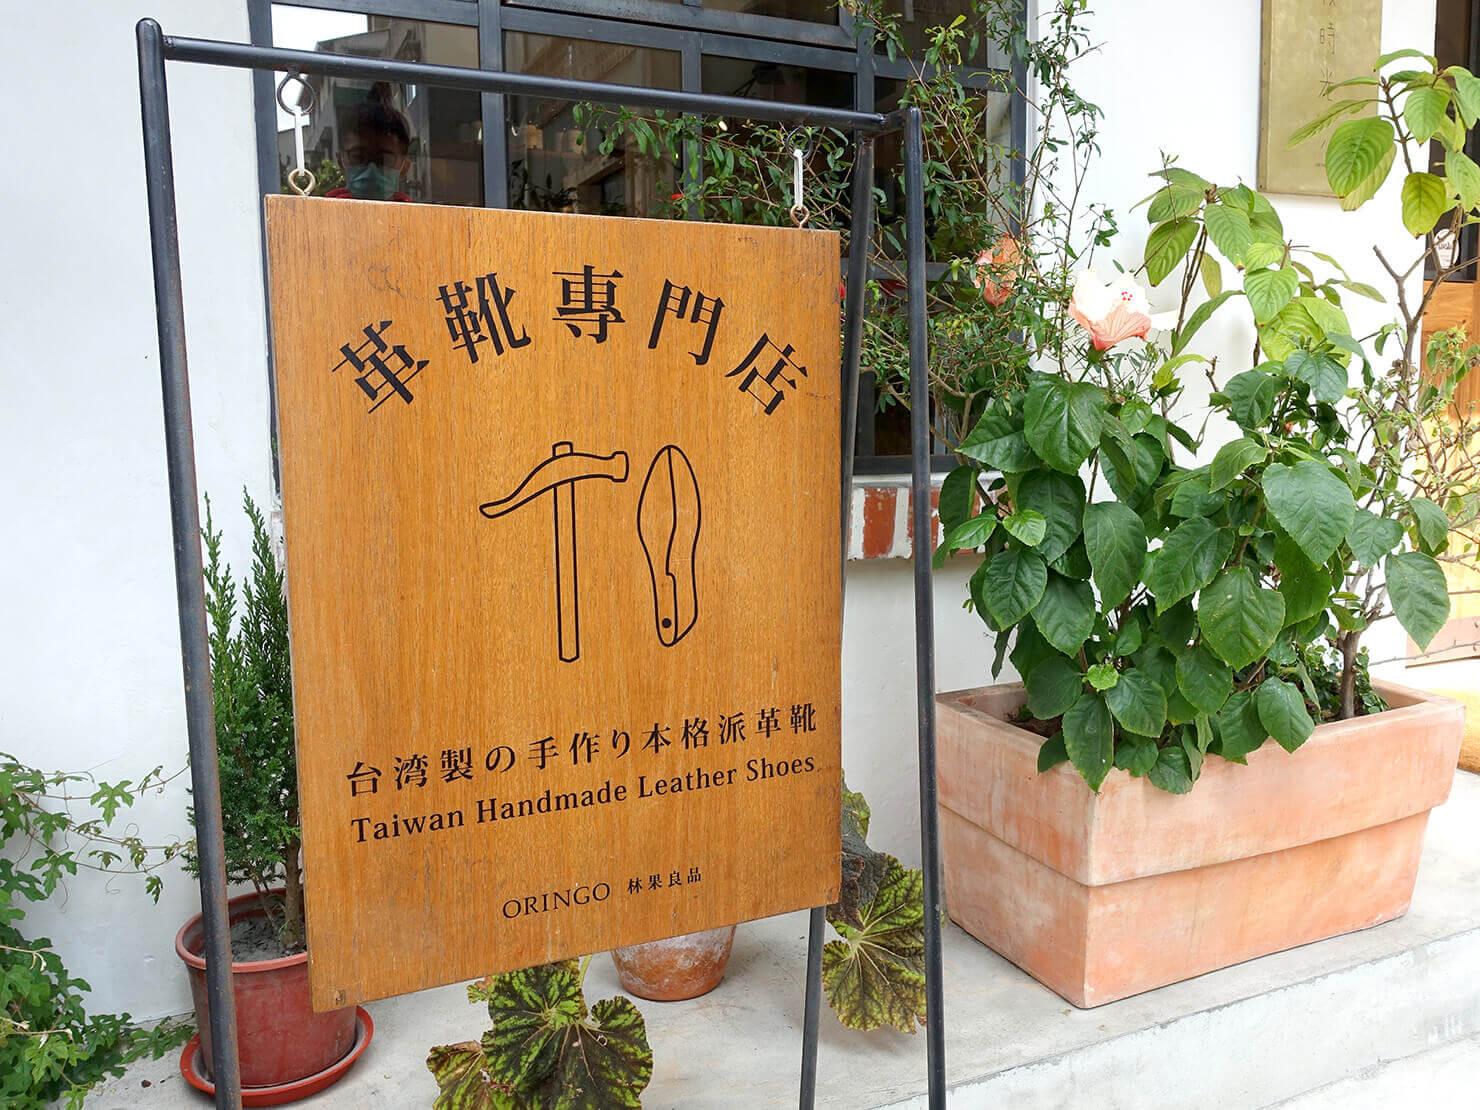 台湾のおすすめ革靴ブランド「林果良品 ORINGO」の店頭に置かれた看板